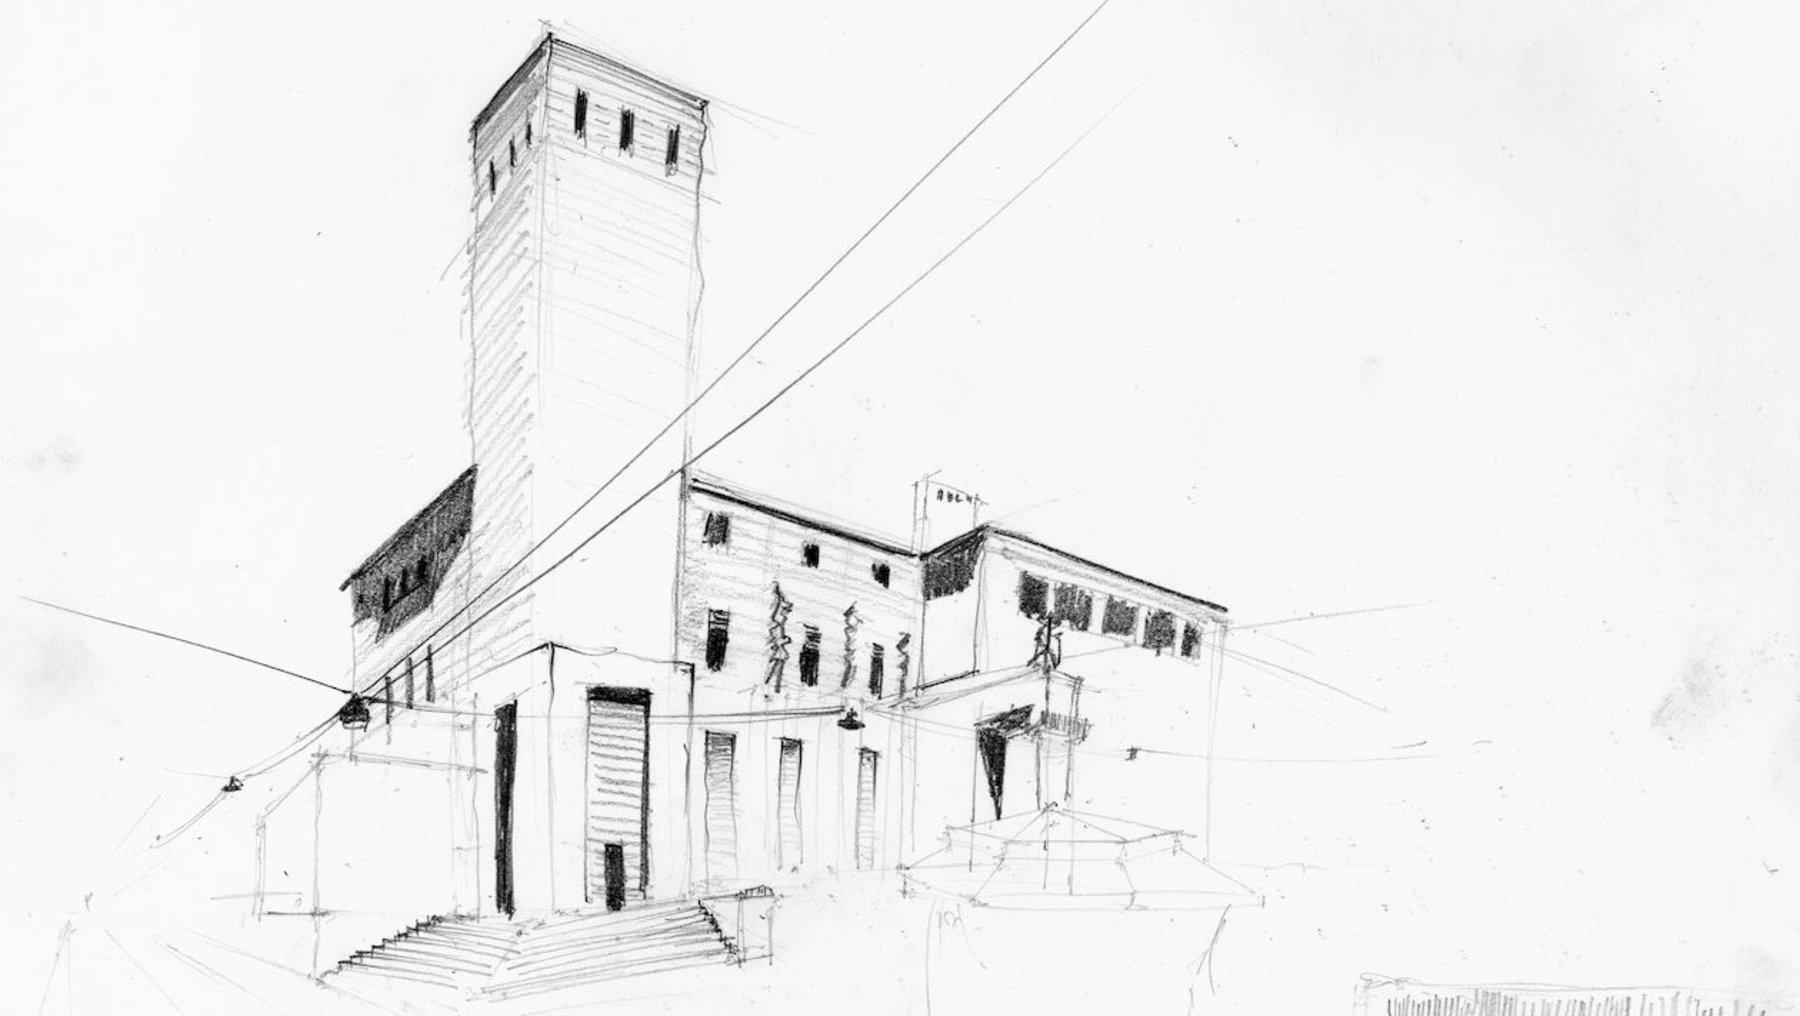 Postgebäude Bergamo - Architekturzeichnung Yasir Goli